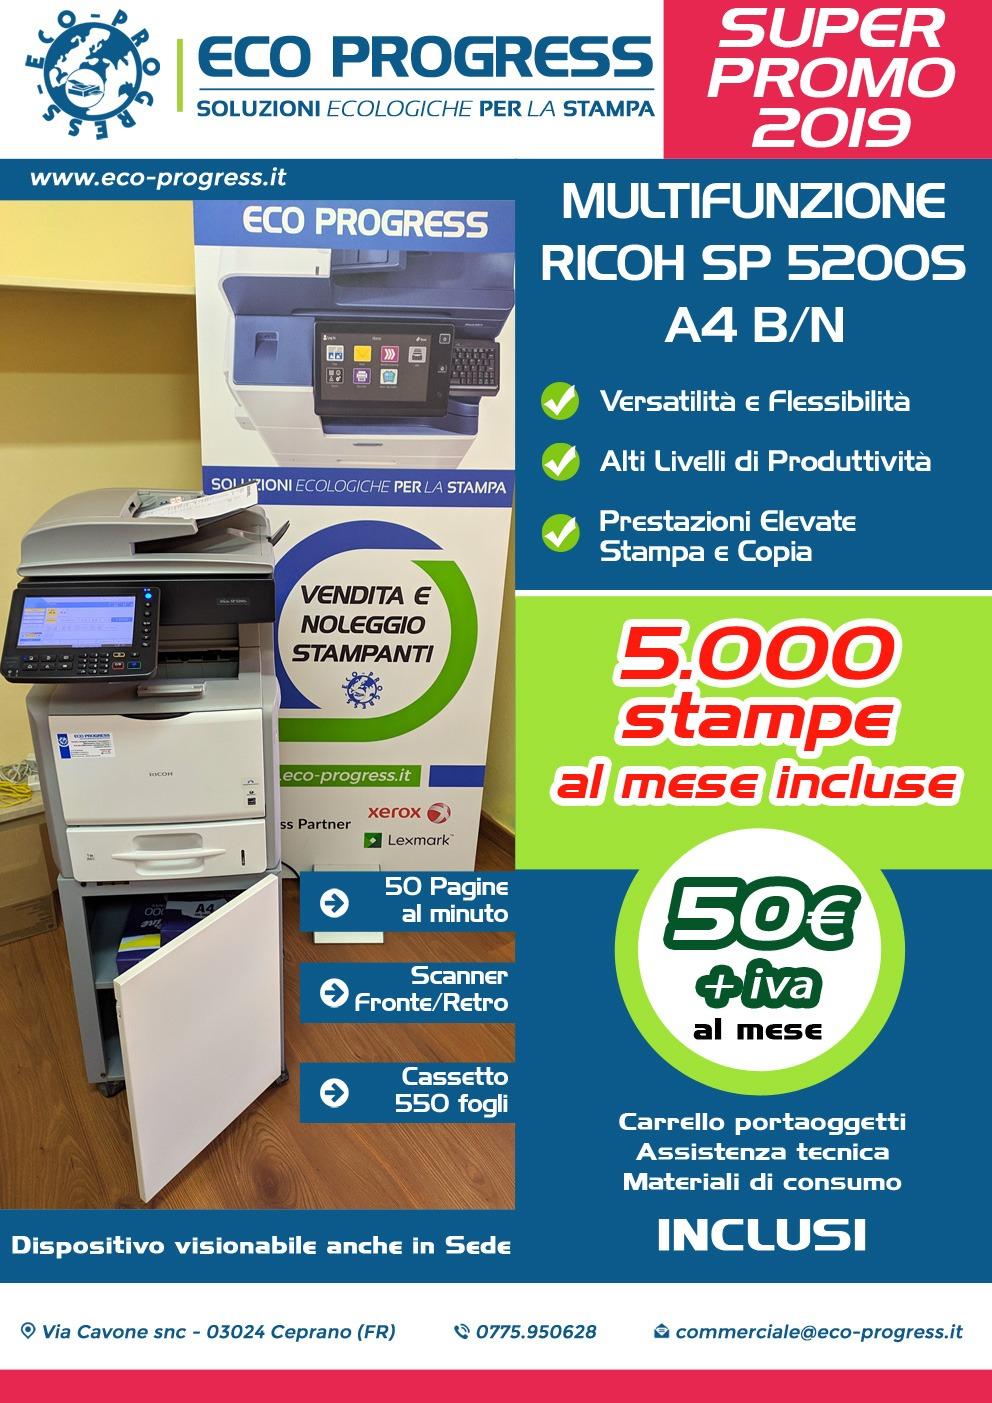 promo-ricoh-sp5200s